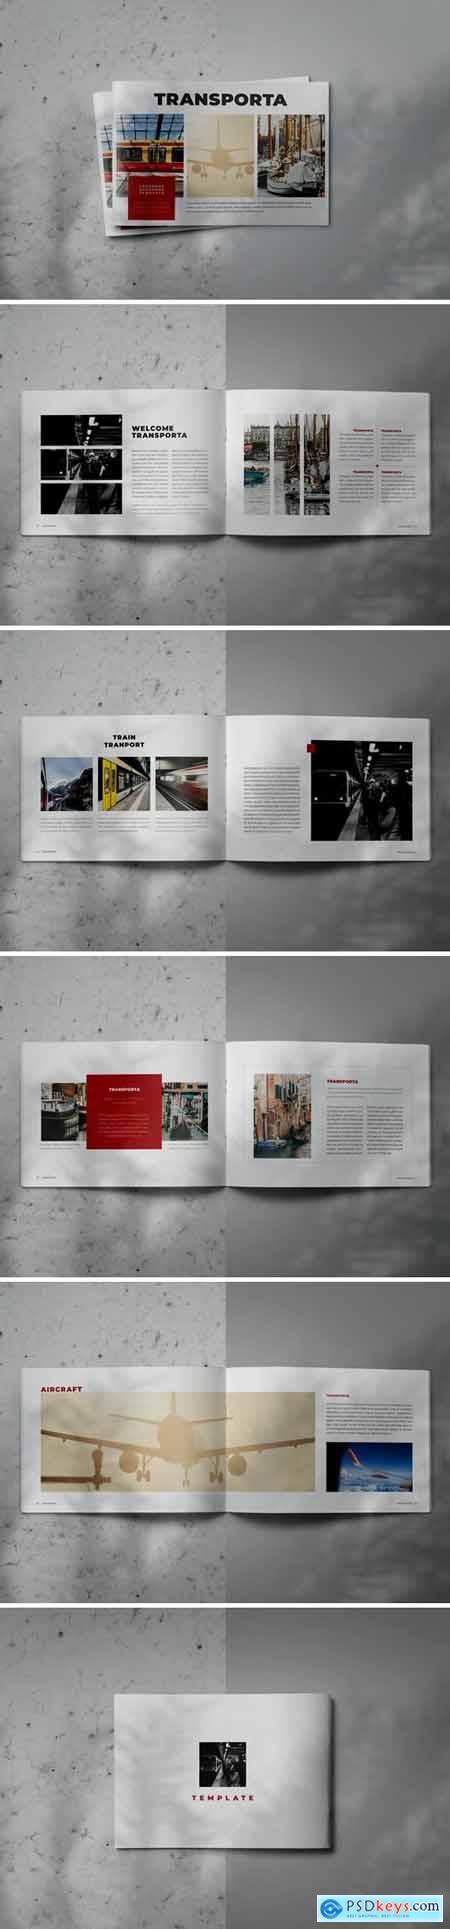 TRANSPORTA - Indesign Brochure Lookbook Template